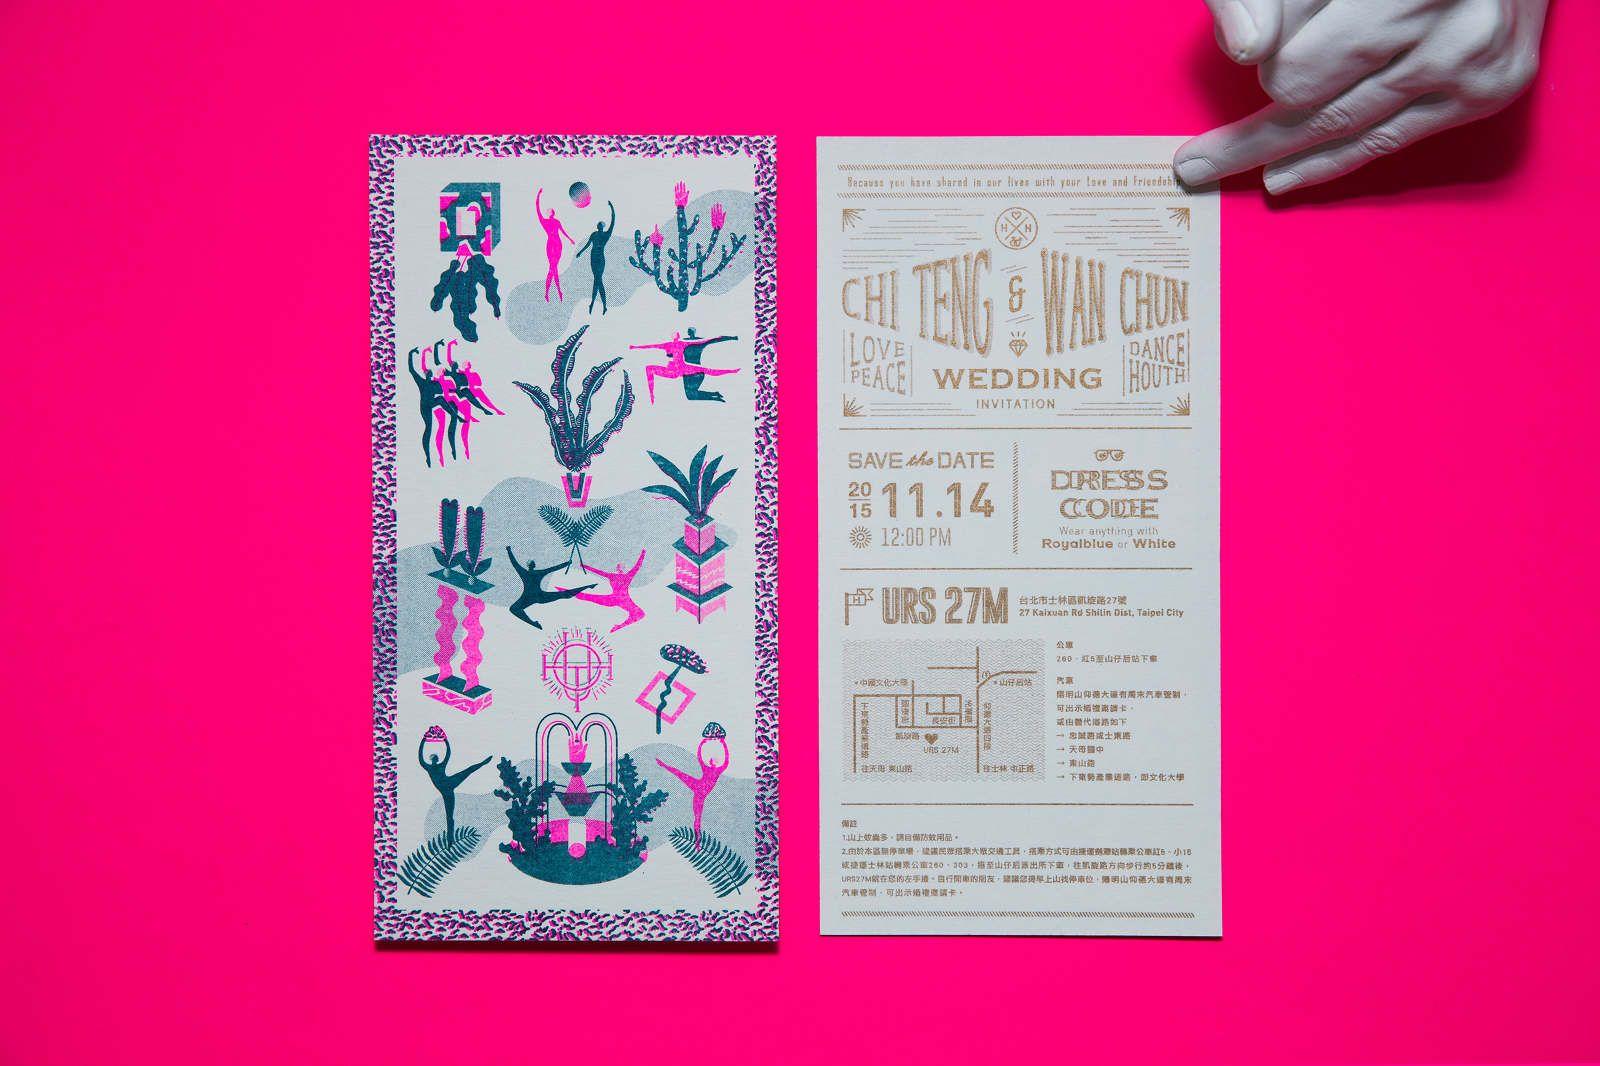 Wedding Invitation Card - HOUTH